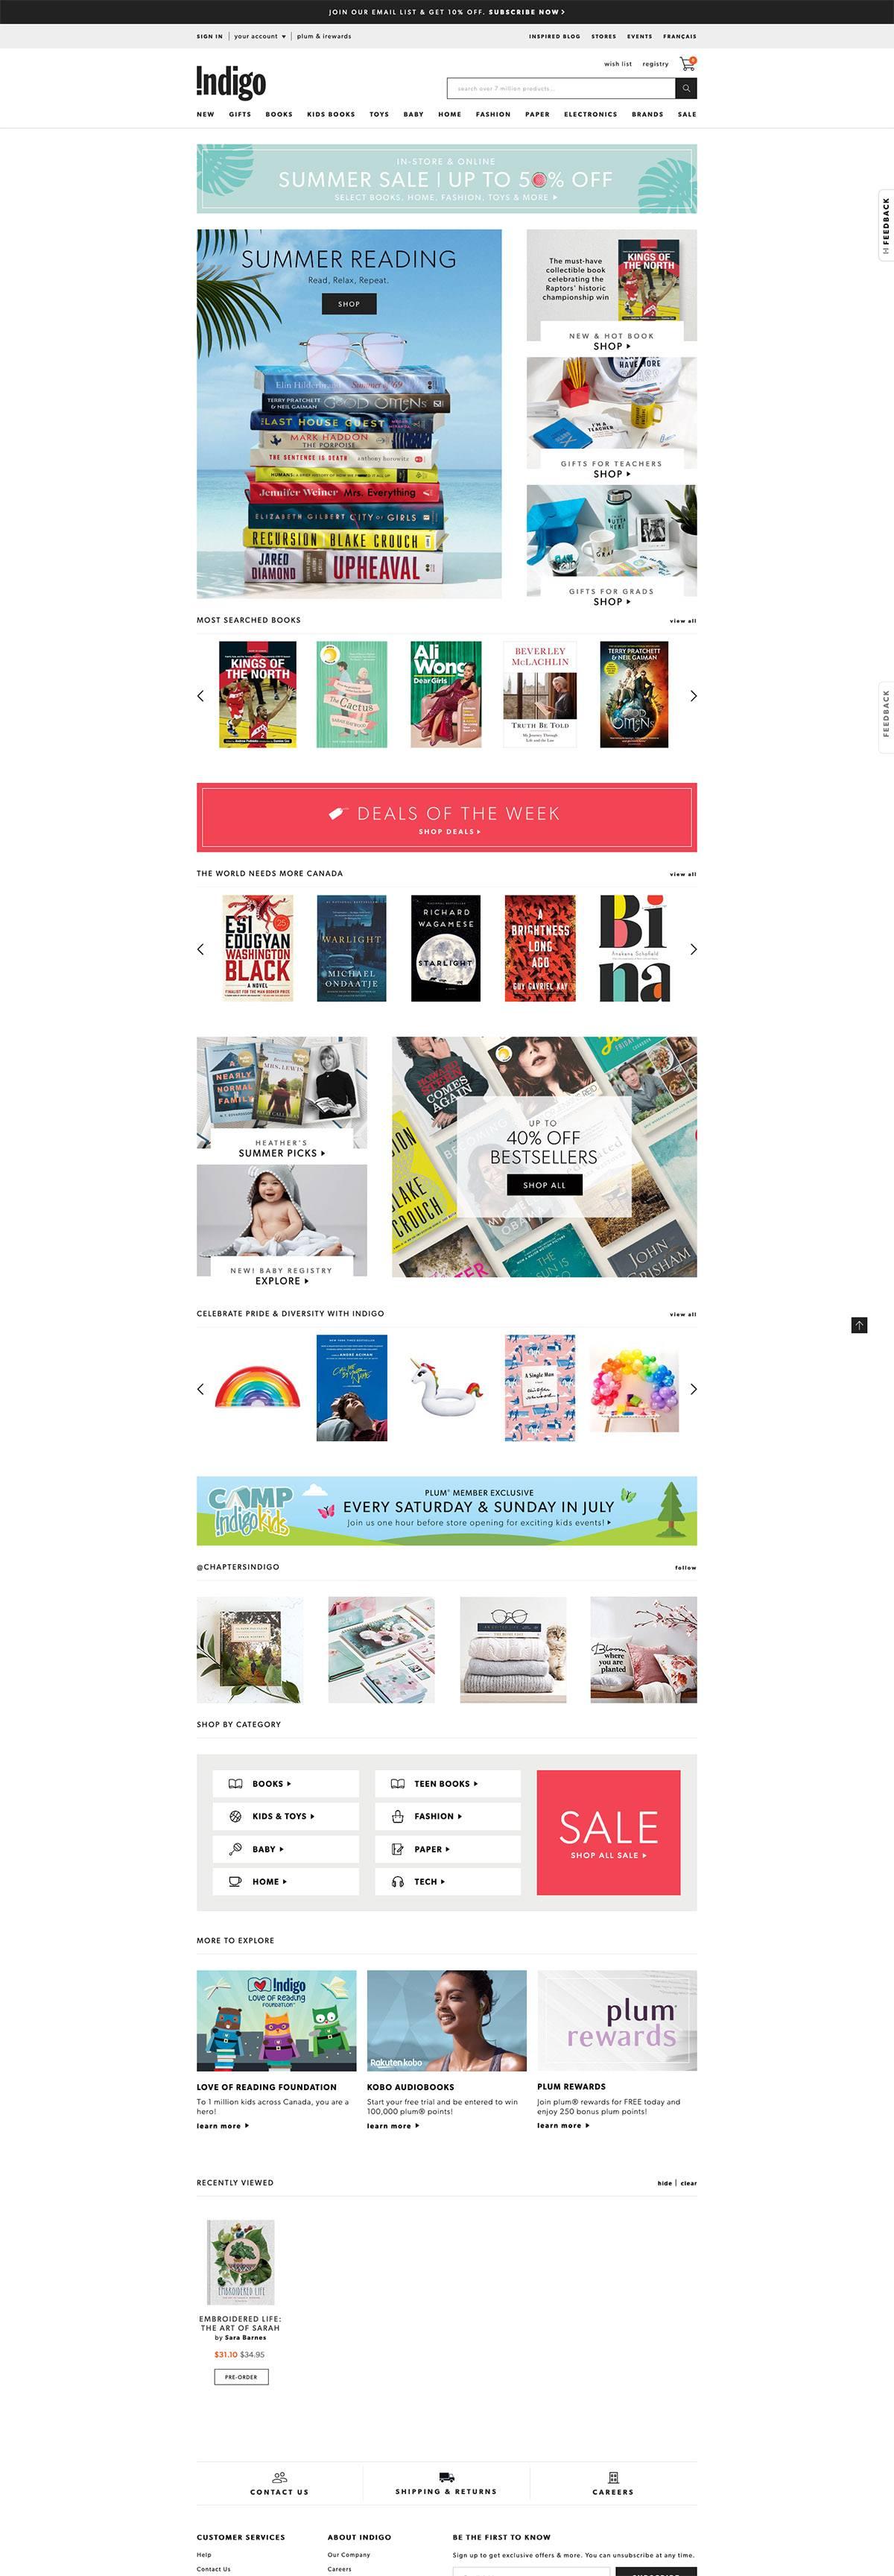 eCommerce website: Indigo